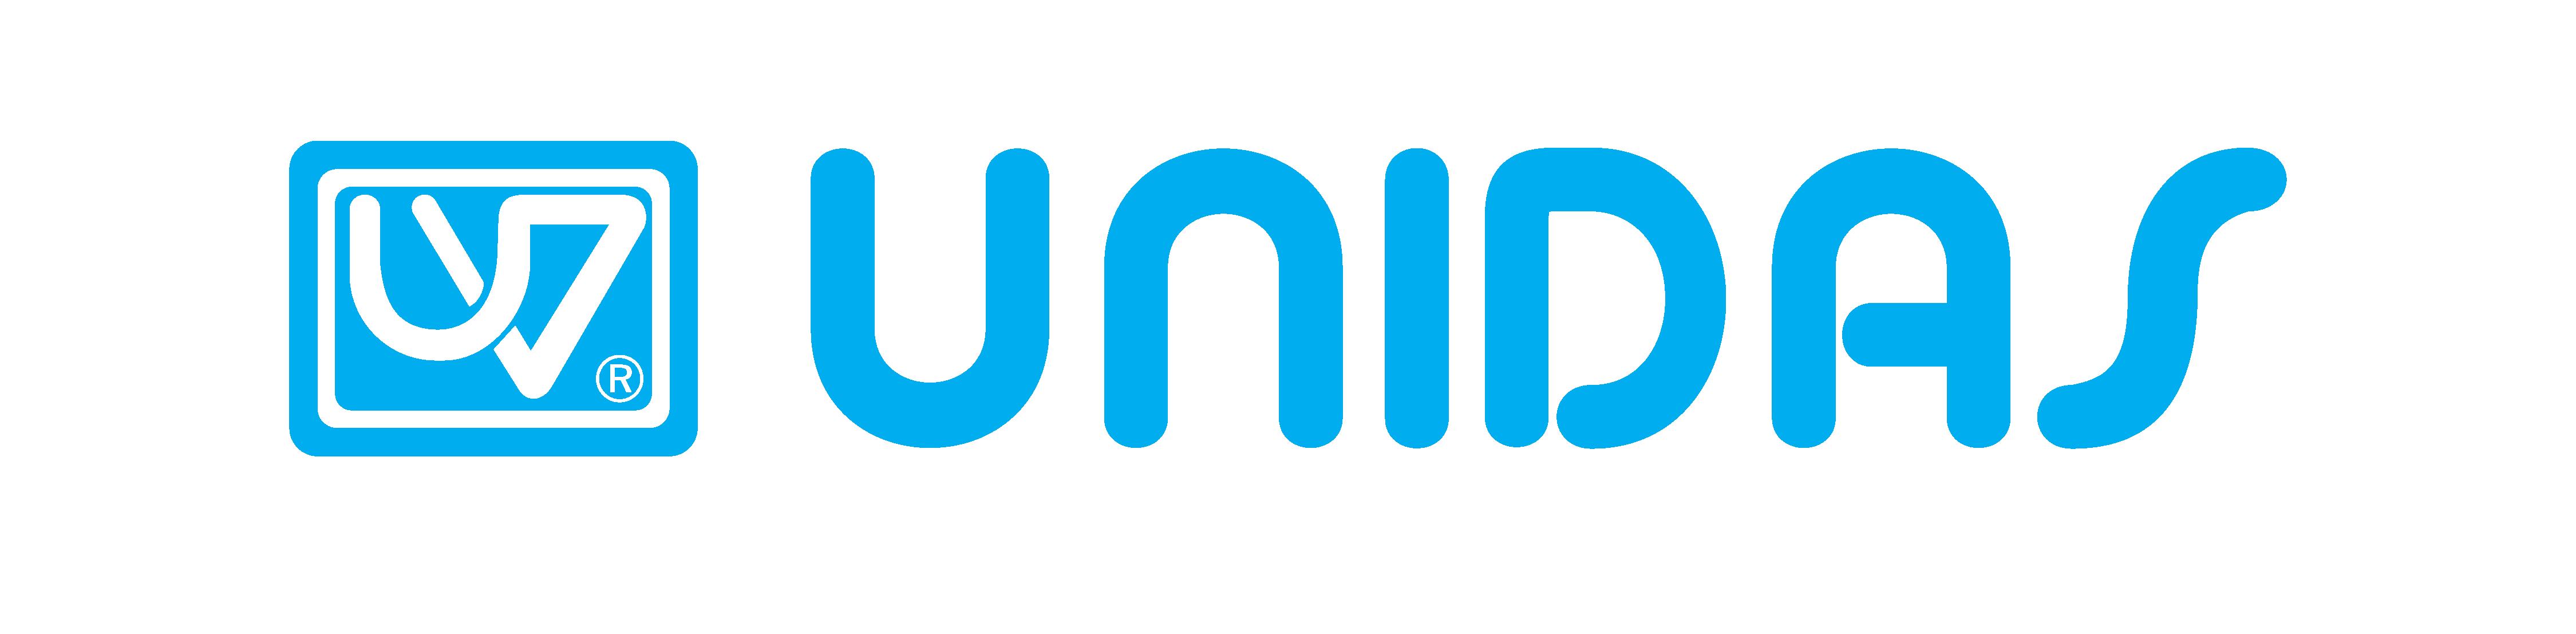 https://www.contabilidadesul.com.br/wp-content/uploads/2020/12/logo-azukl-01.png